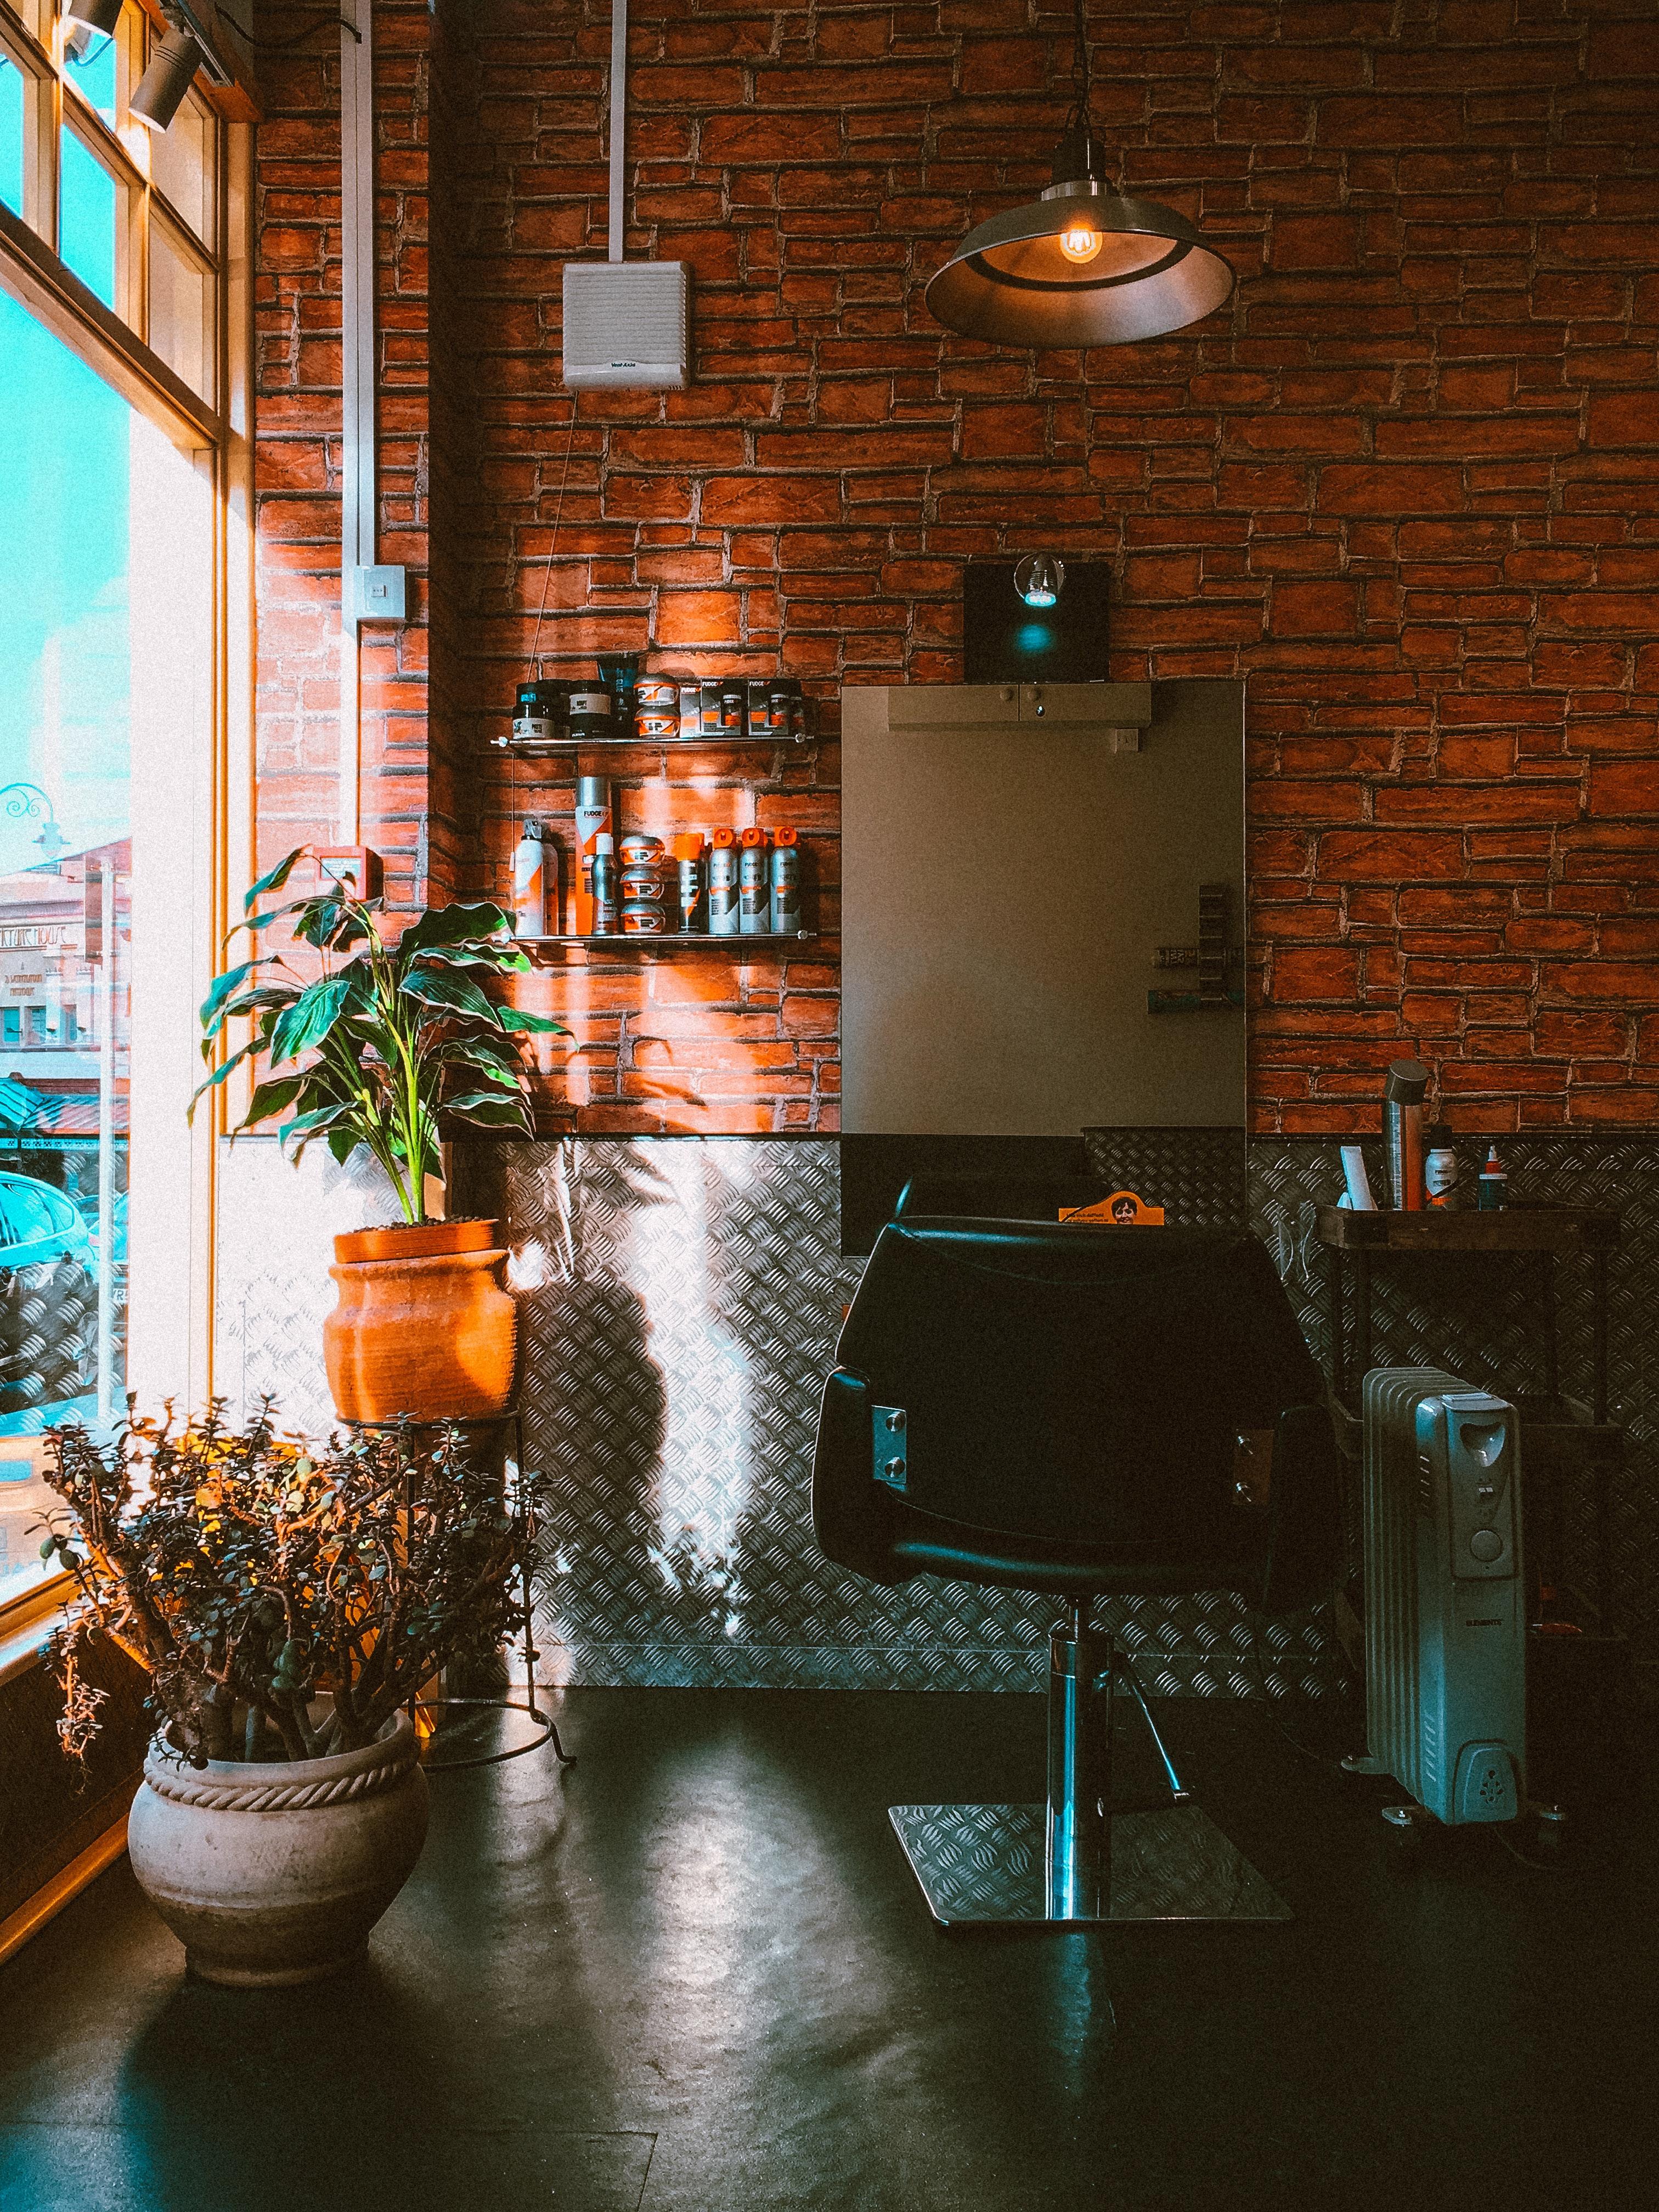 Images Gratuites : chambre, brique, meubles, Design d ...